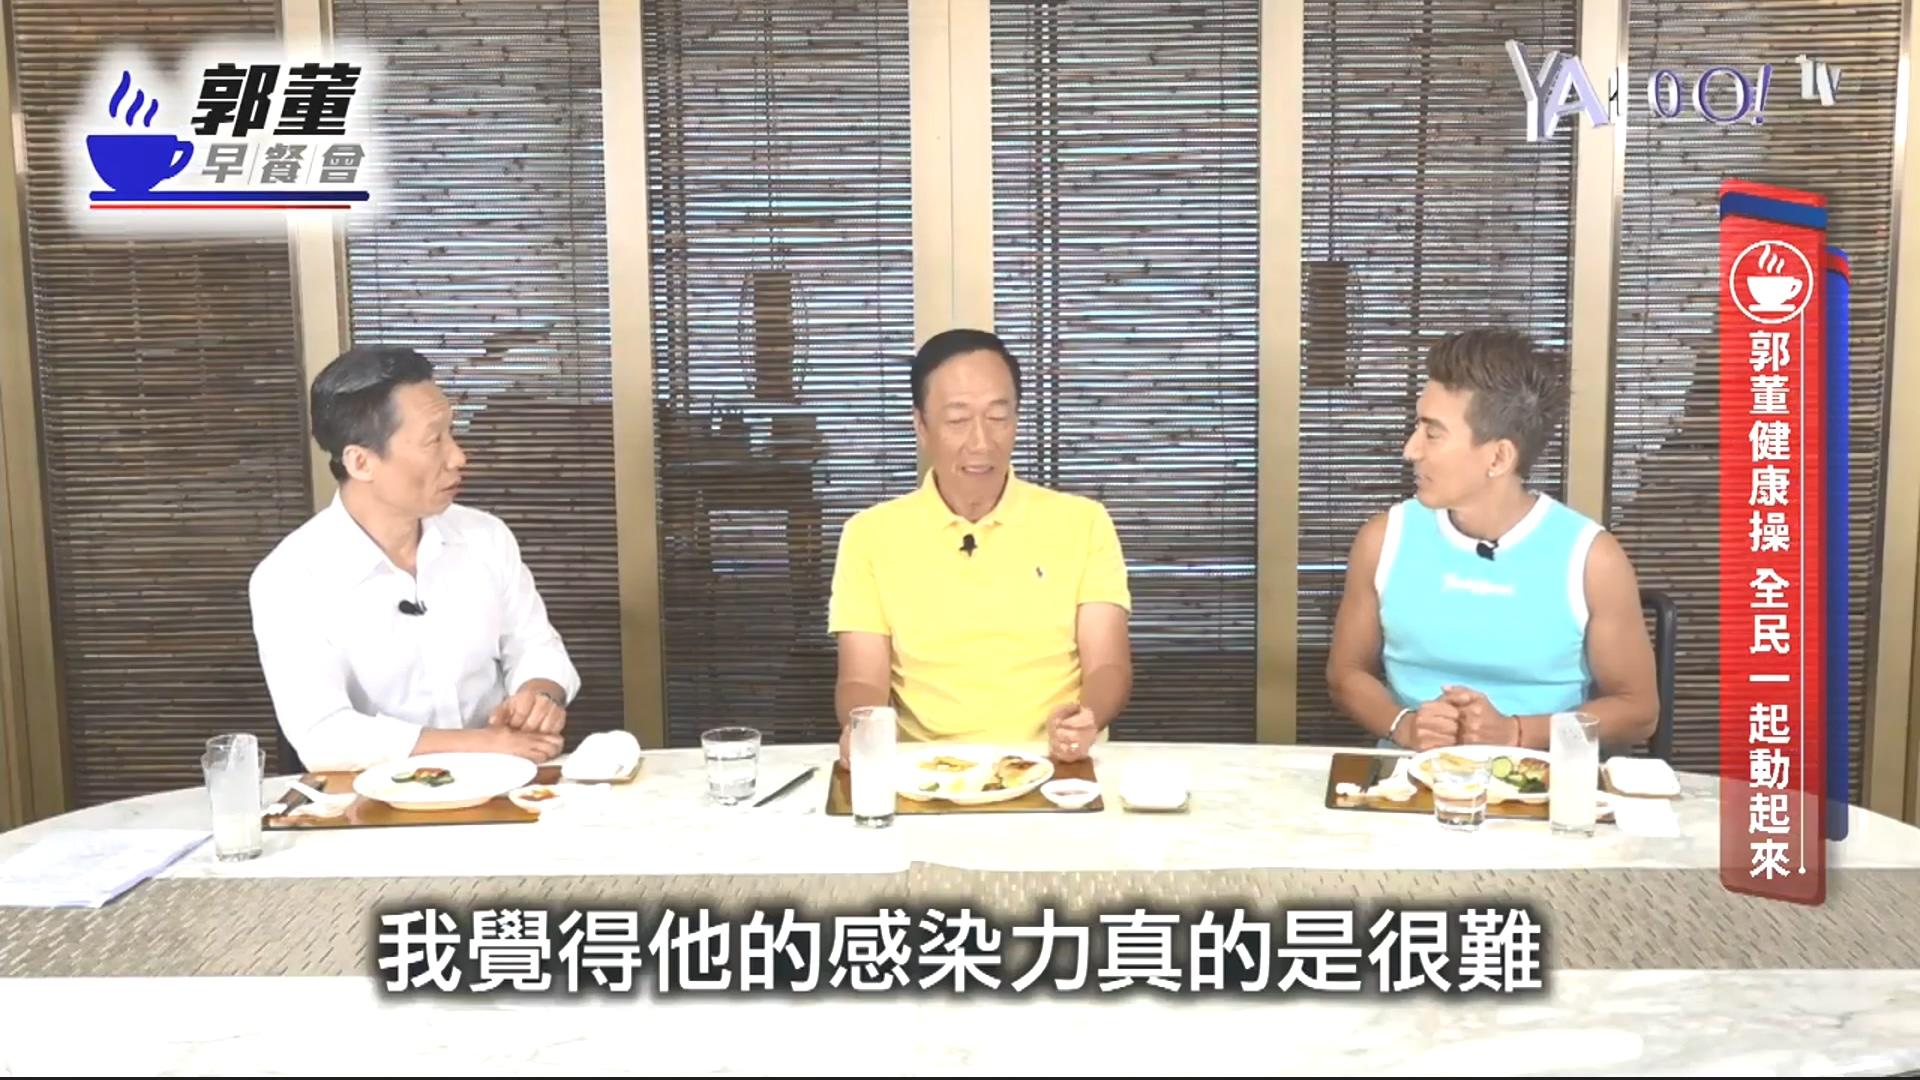 圖/翻攝自YAHOO TV